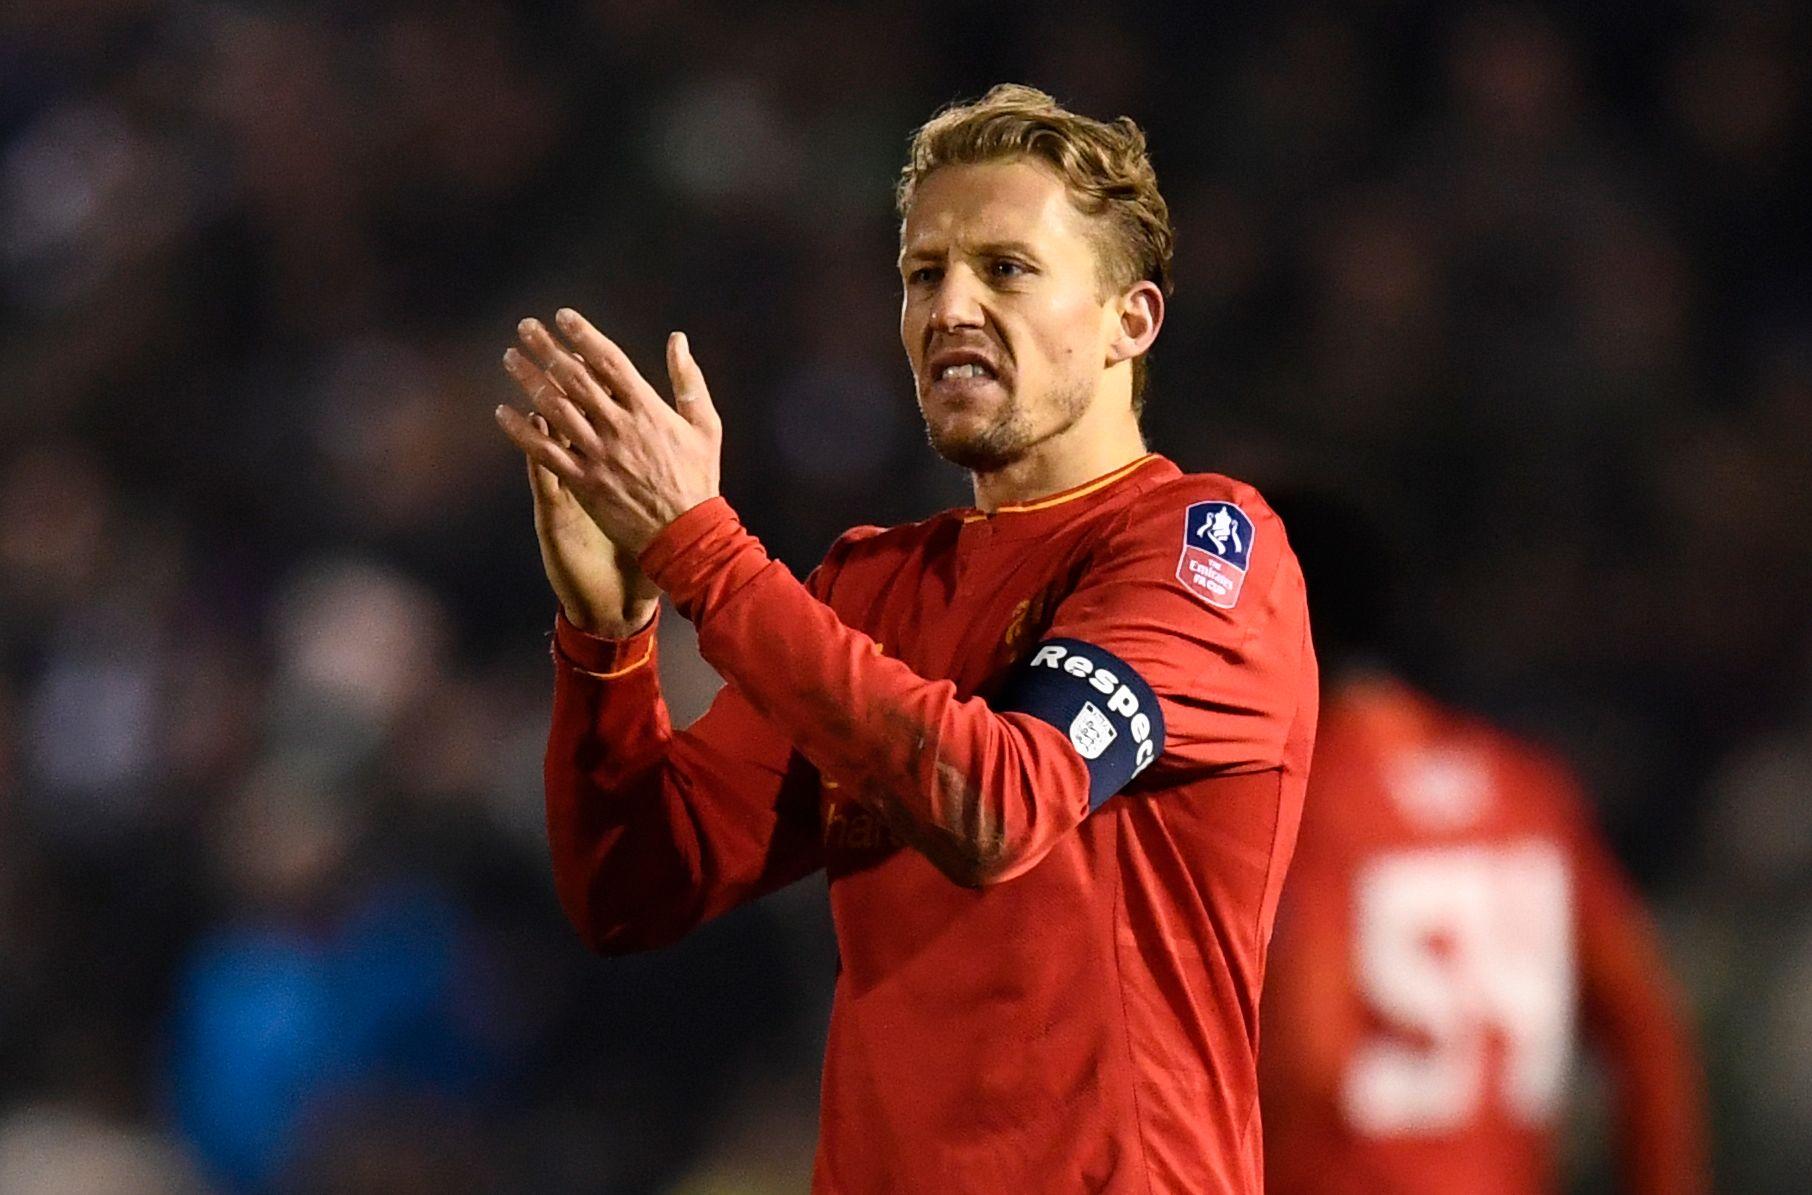 DRO TIL ITALIA: Lucas var i Liverpool en årrekke - men dro til Lazio foran forrige sesong.